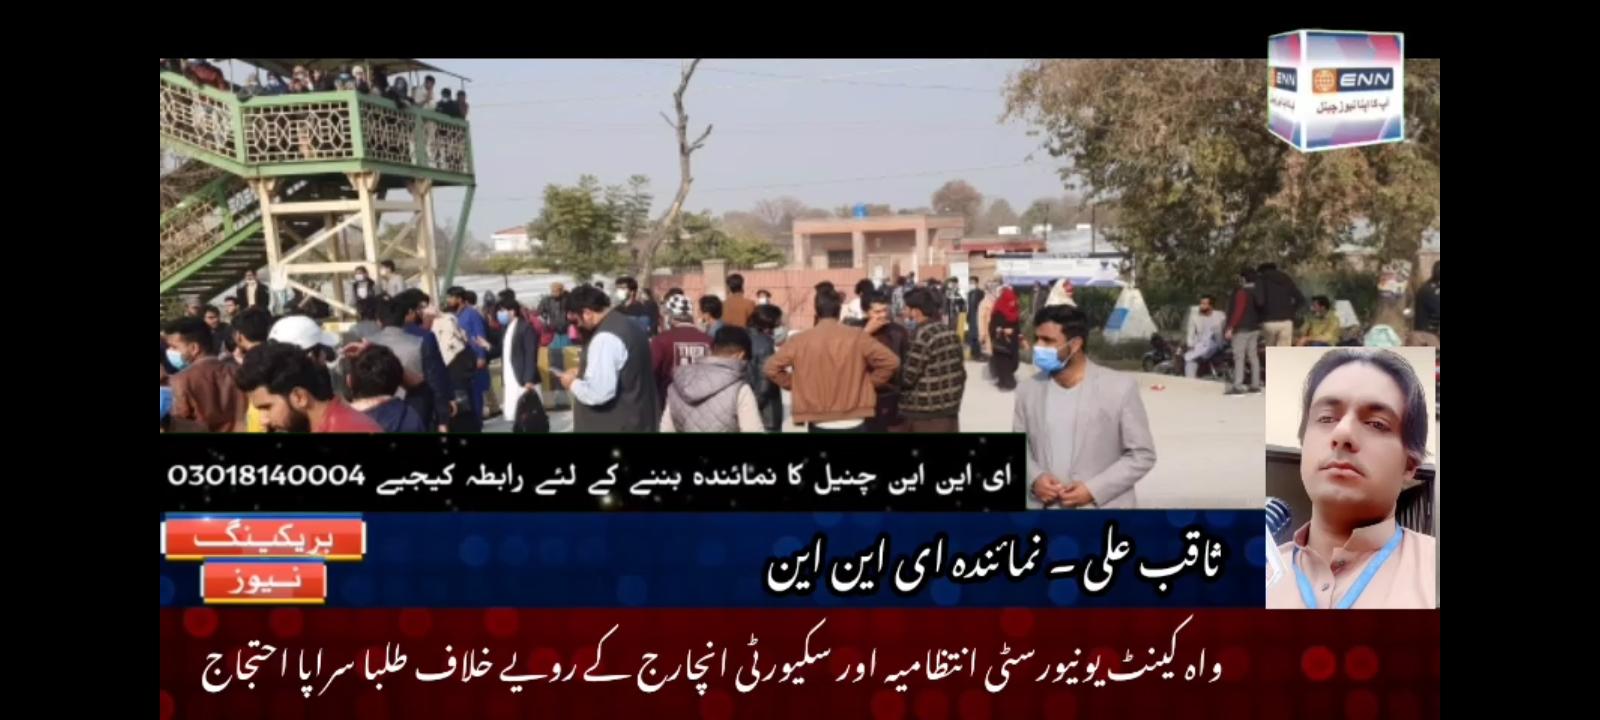 واہ کینٹ یونیورسٹی انتظامیہ اور سکیورٹی انچارج کے رویے خلاف طلبا سراپا احتجاج